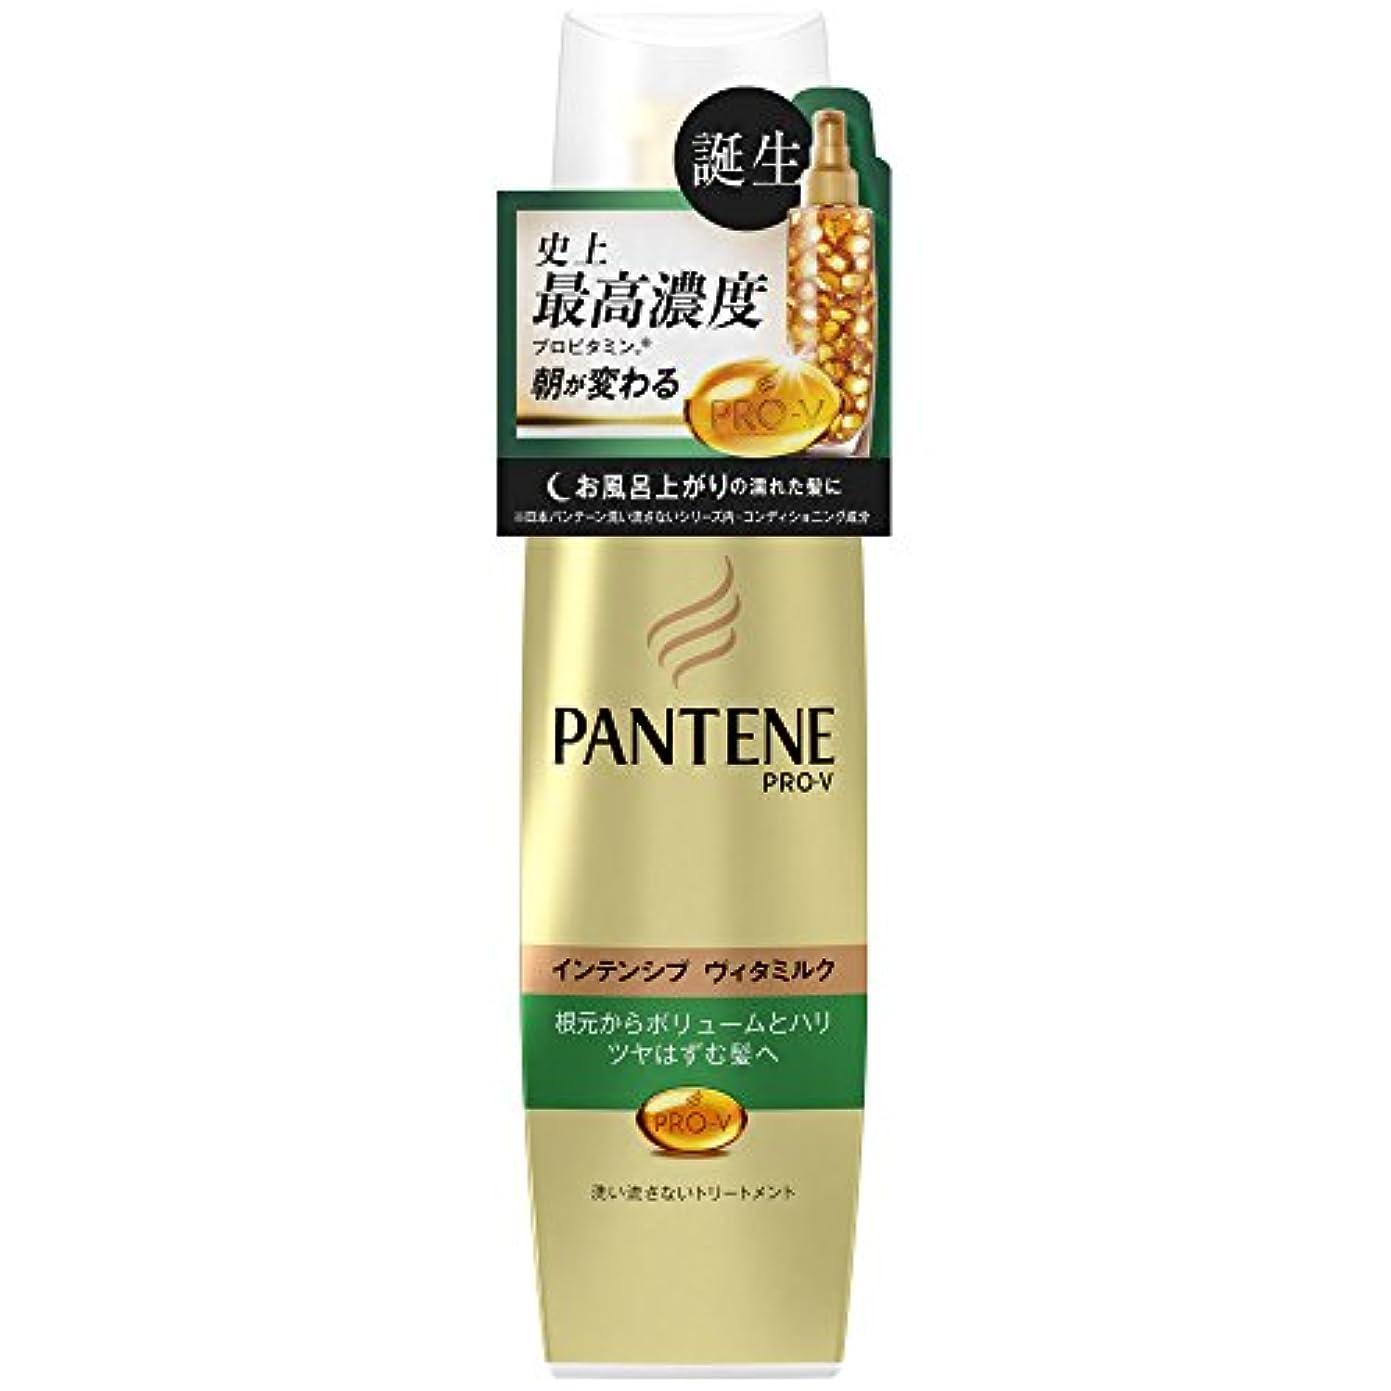 荒涼とした機会飢饉パンテーン 洗い流さないトリートメント インテンシブヴィタミルク ボリュームのない髪用 100ml